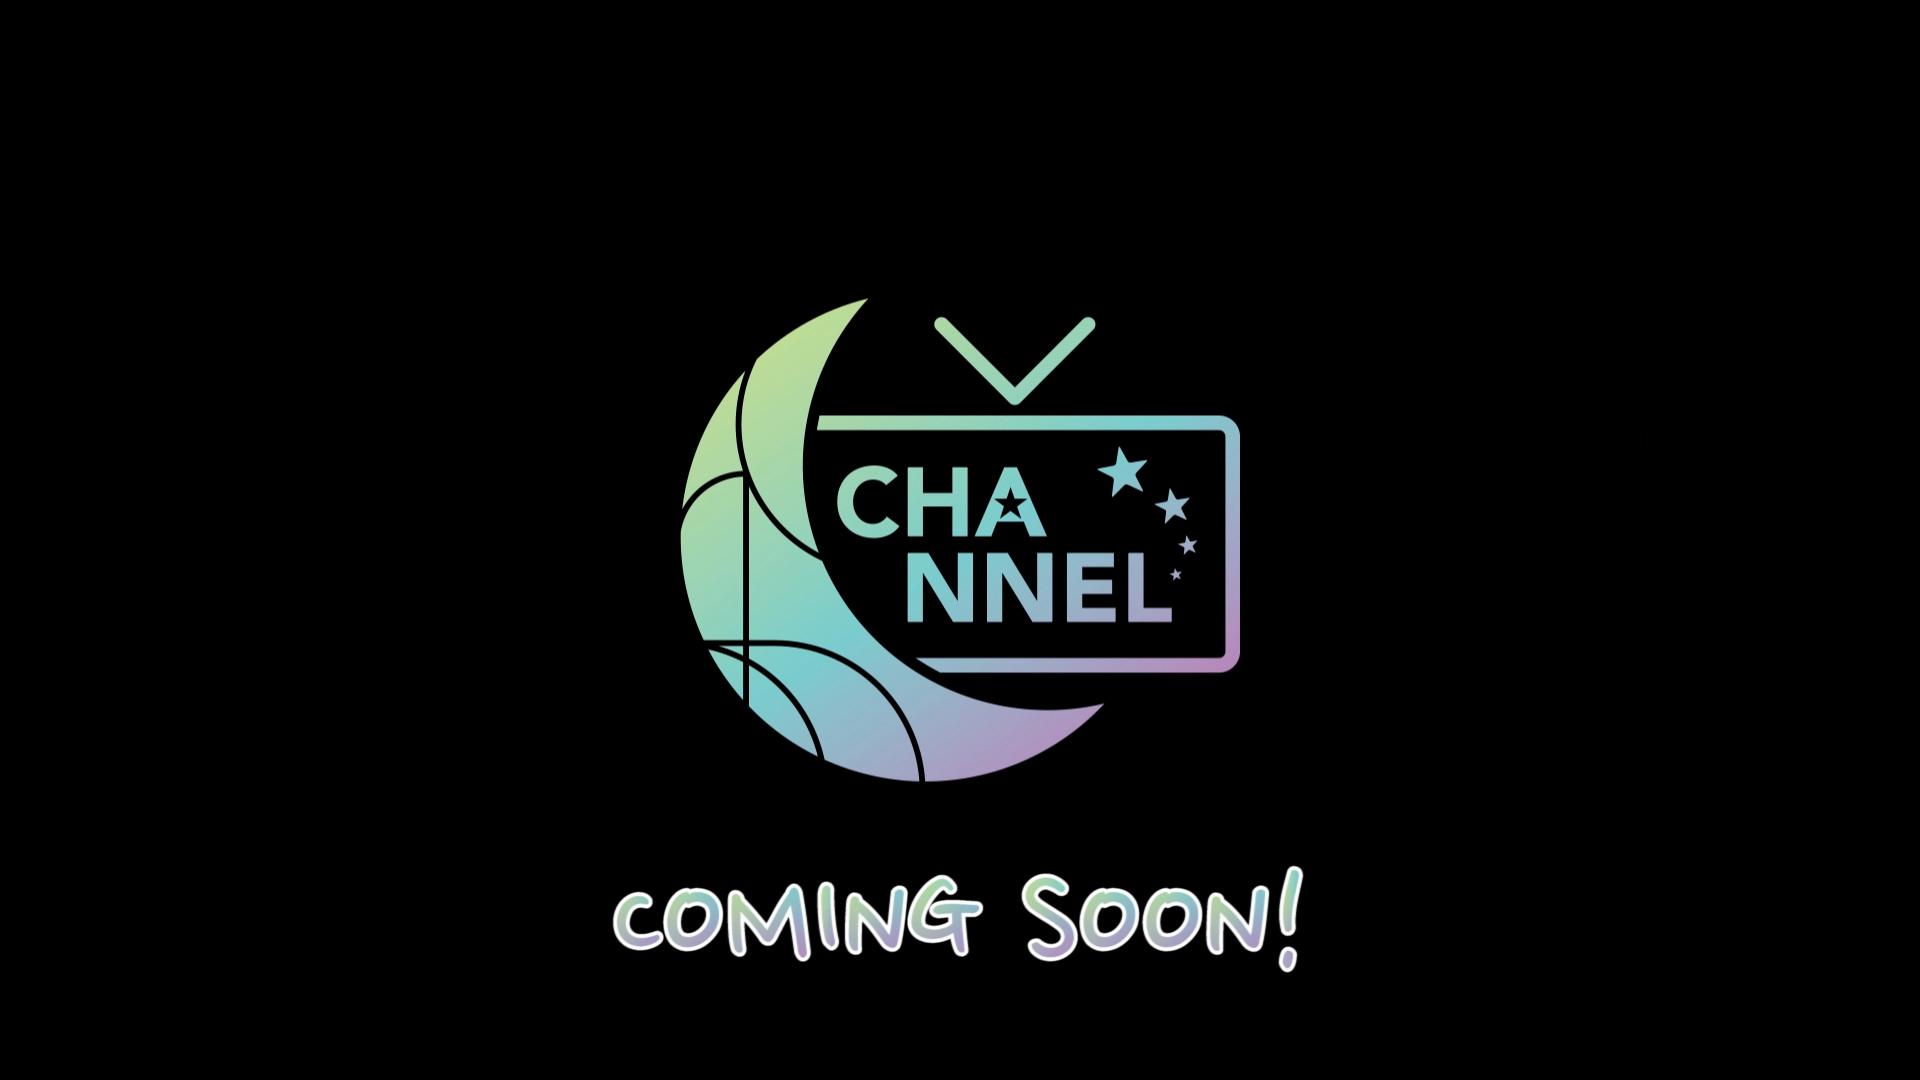 [CH.Channel] 청하 채널, OPEN 예고편!